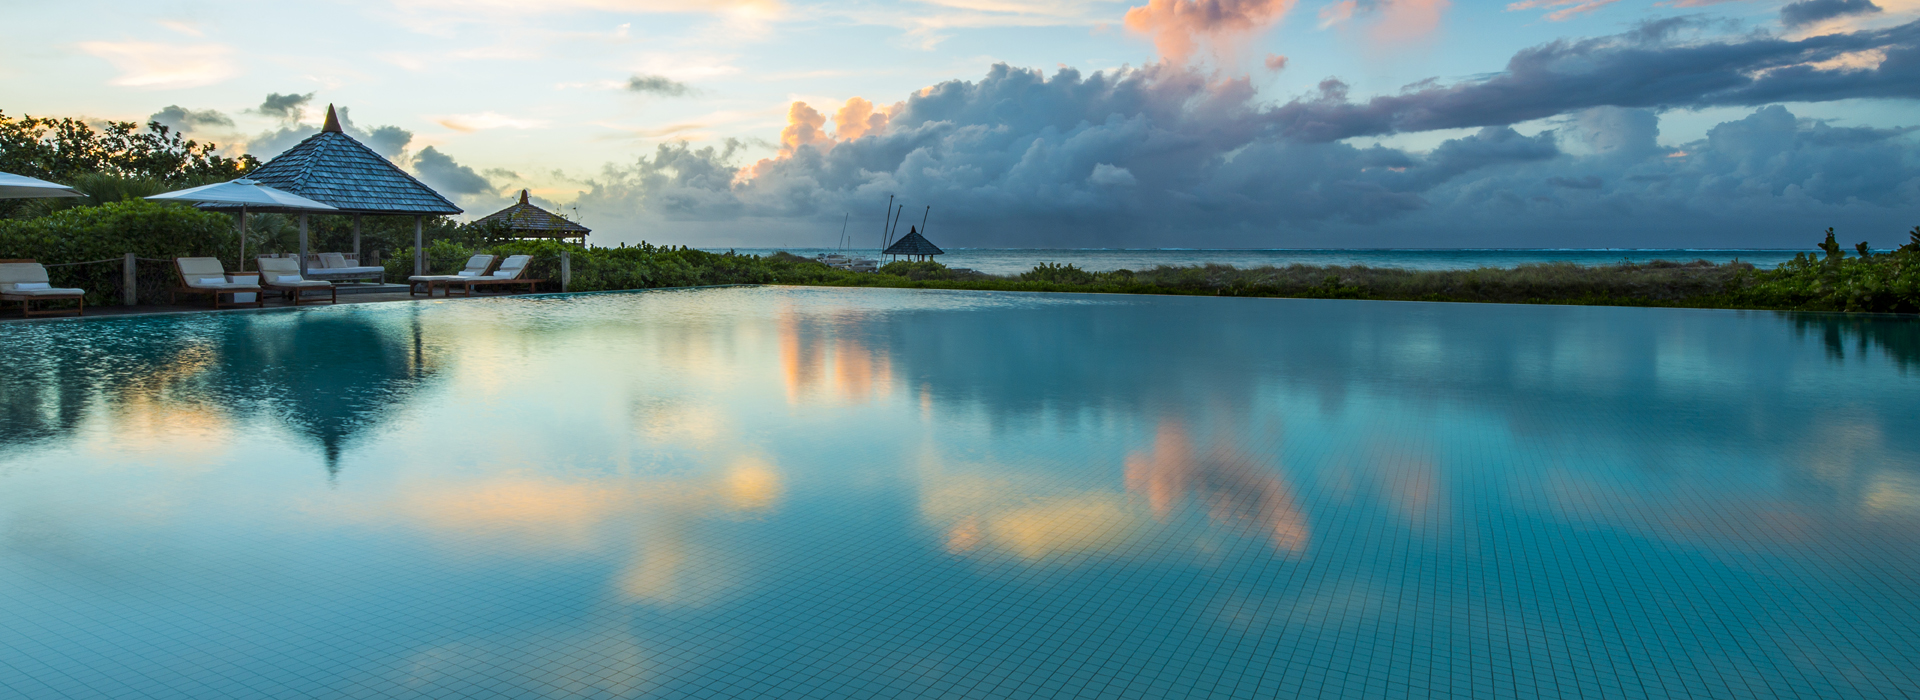 Island Villas at Parrot Cay